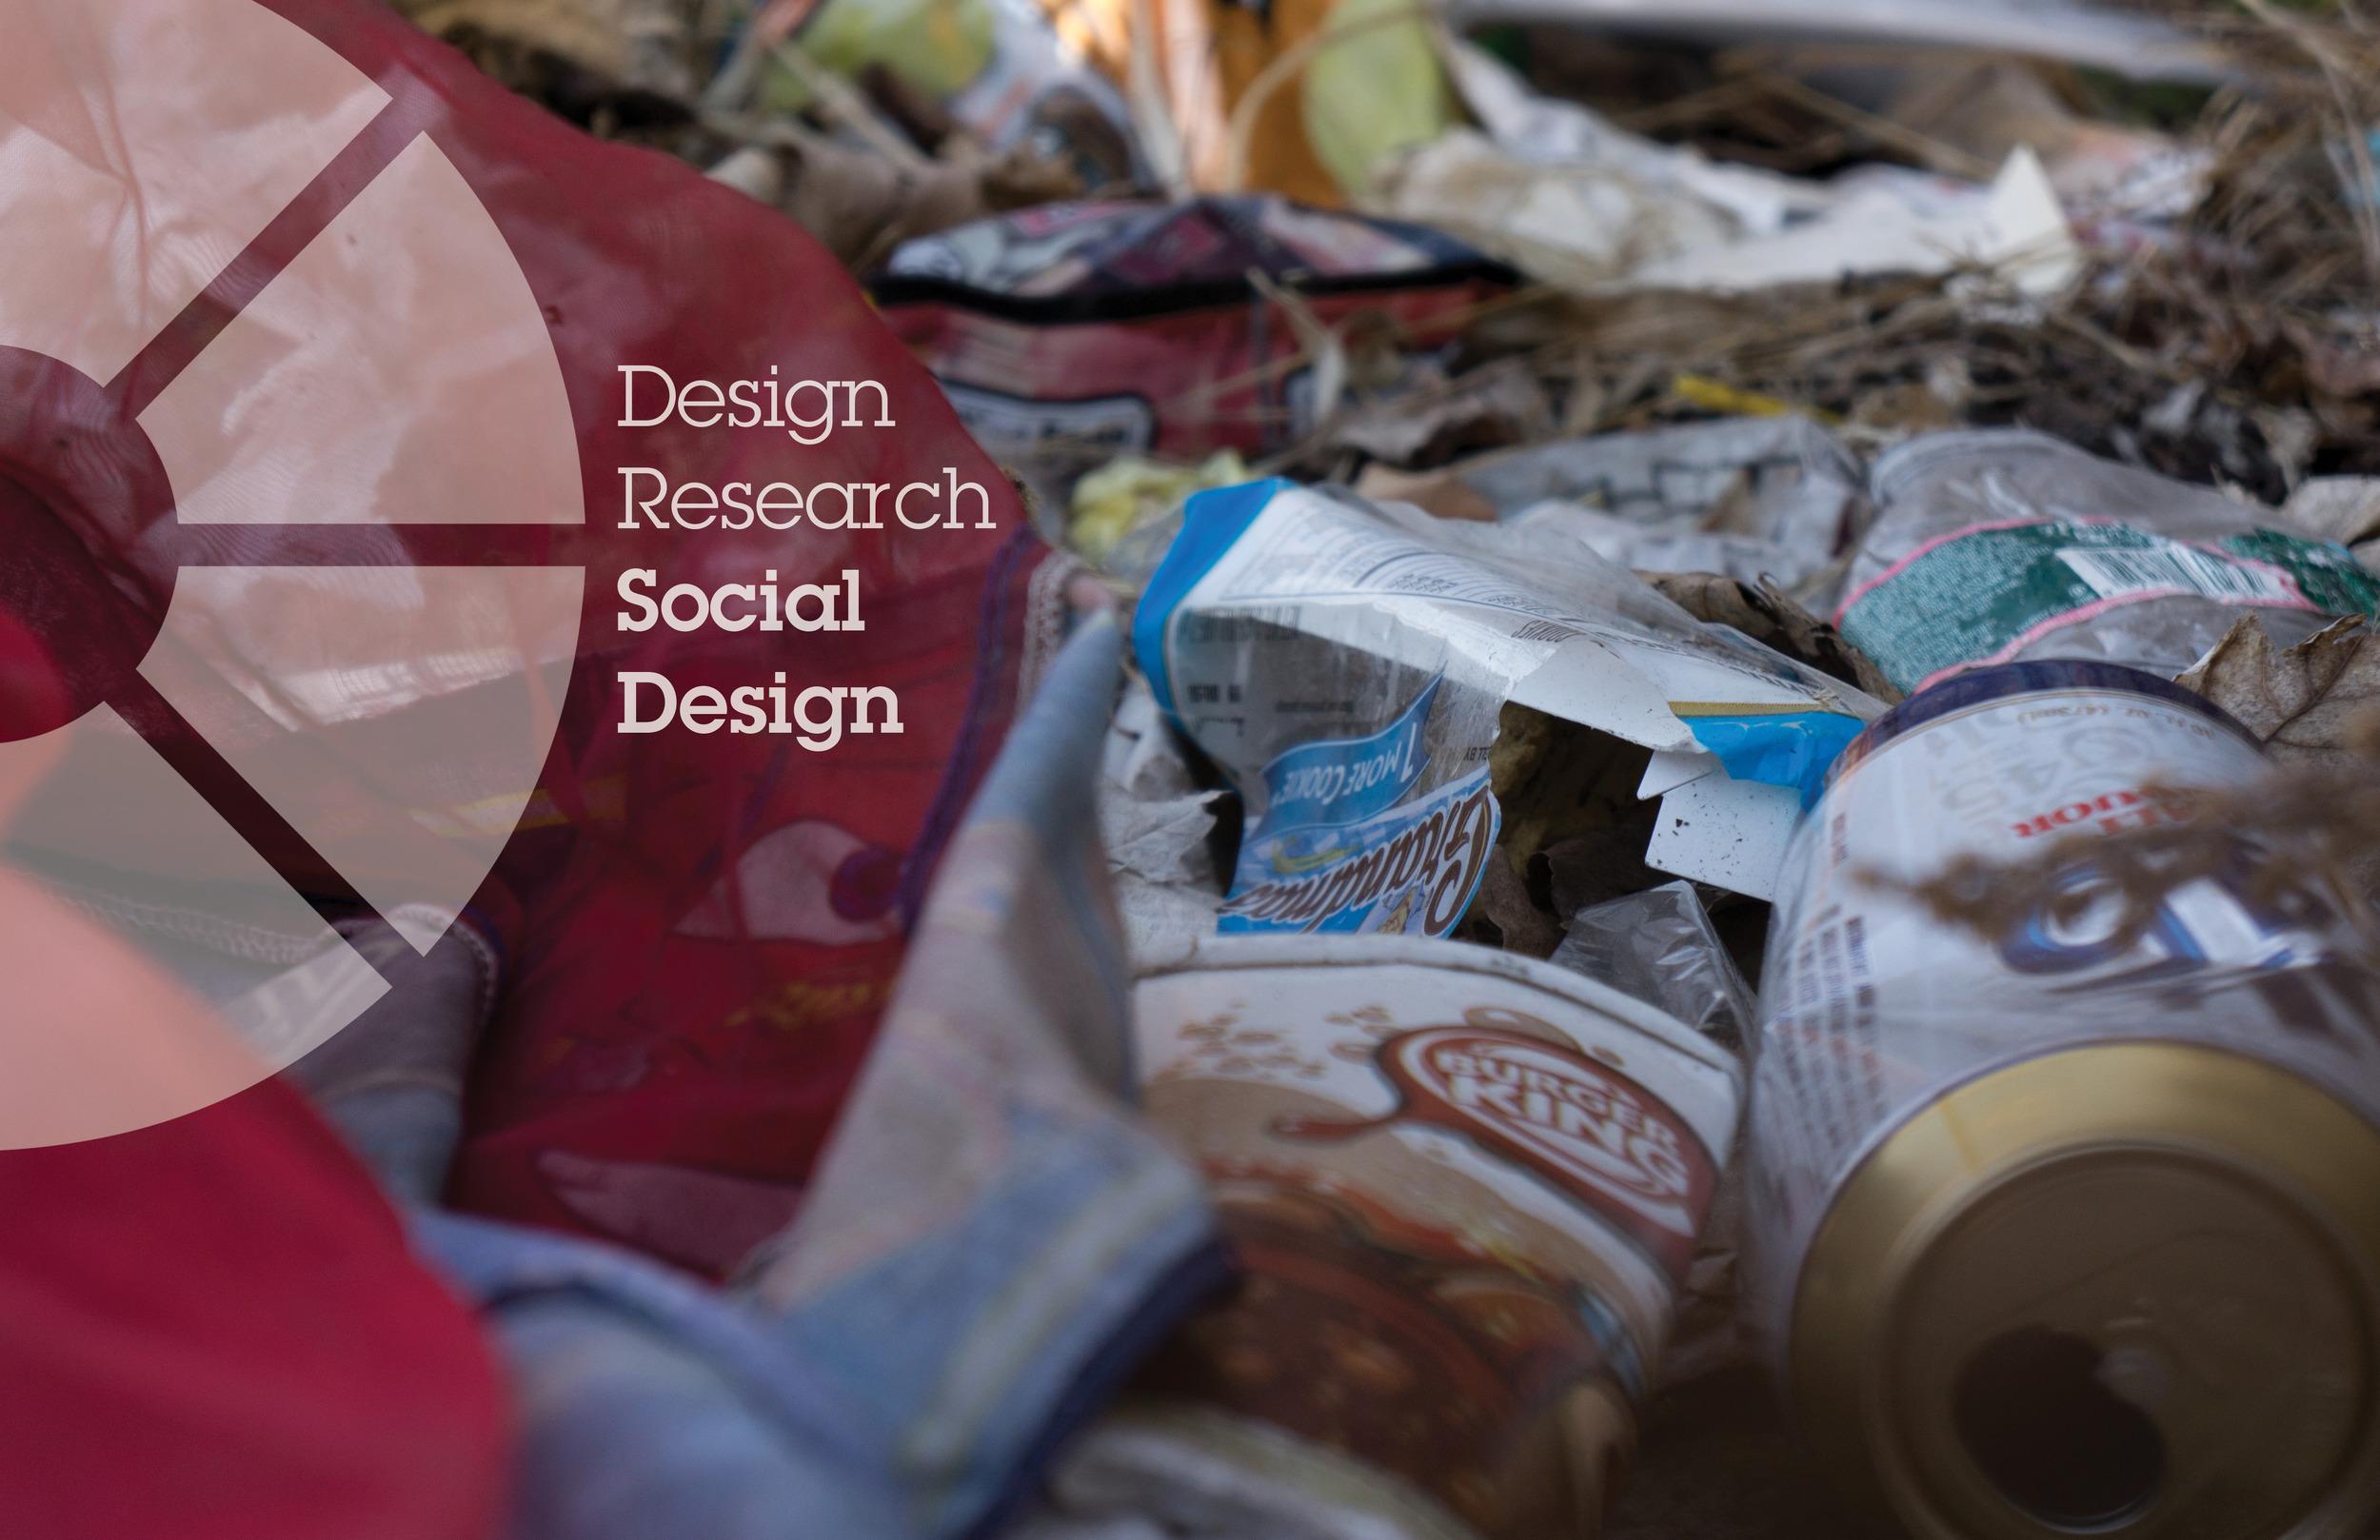 designresearch image.jpg